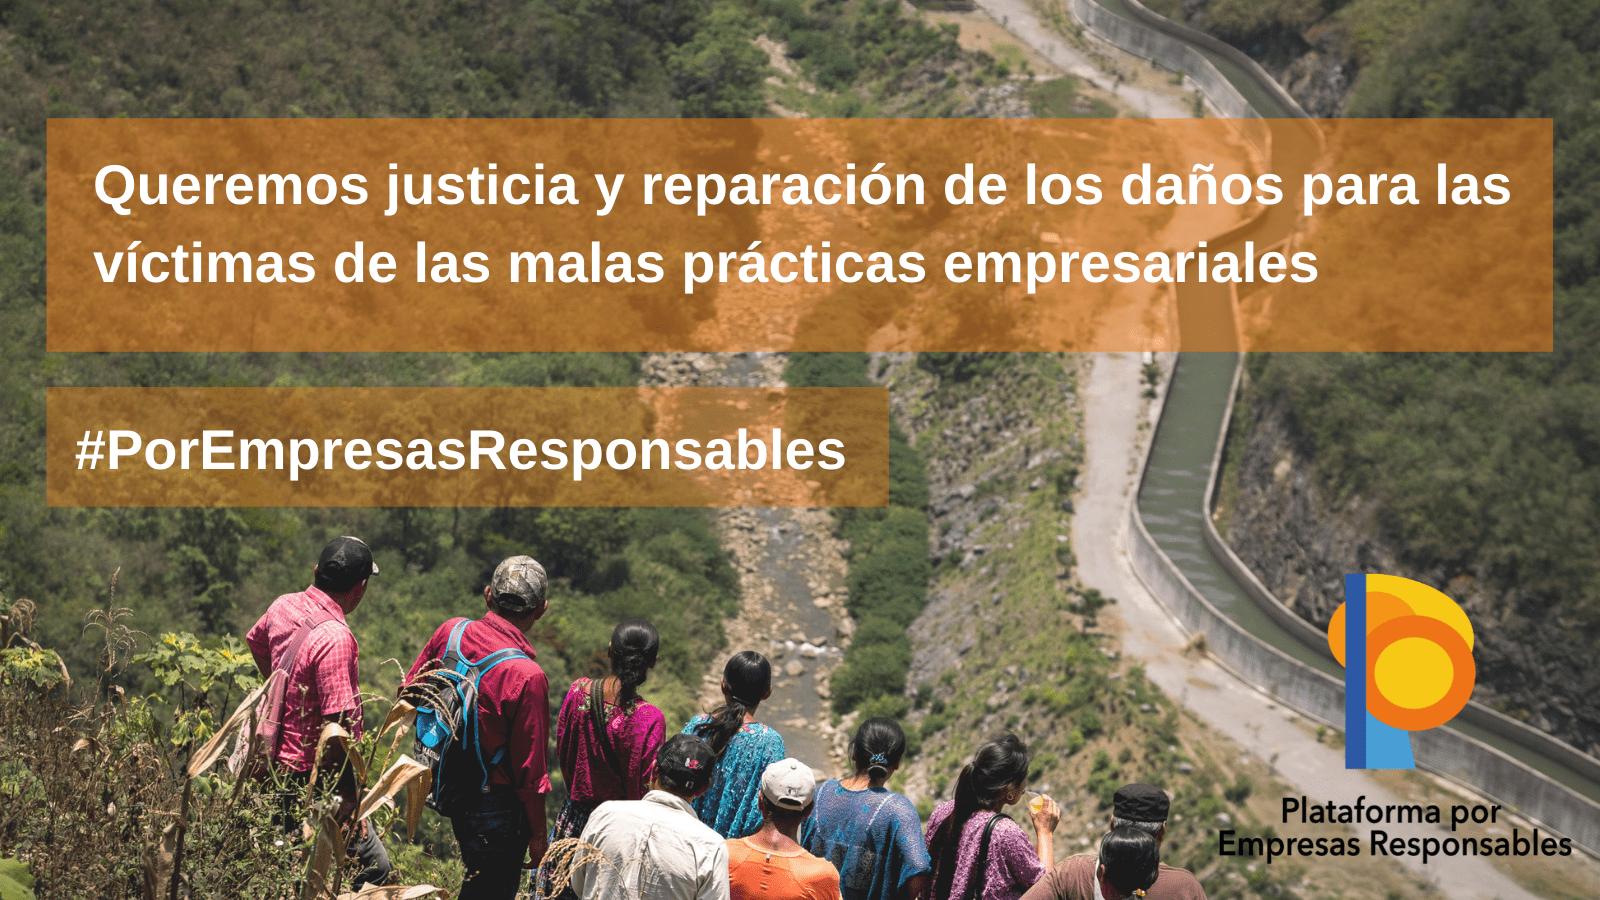 Nace la Plataforma por las Empresas Responsables para exigir al gobierno una ley que responsabilice a las empresas españolas de los impactos sobre los derechos humanos y medioambientales